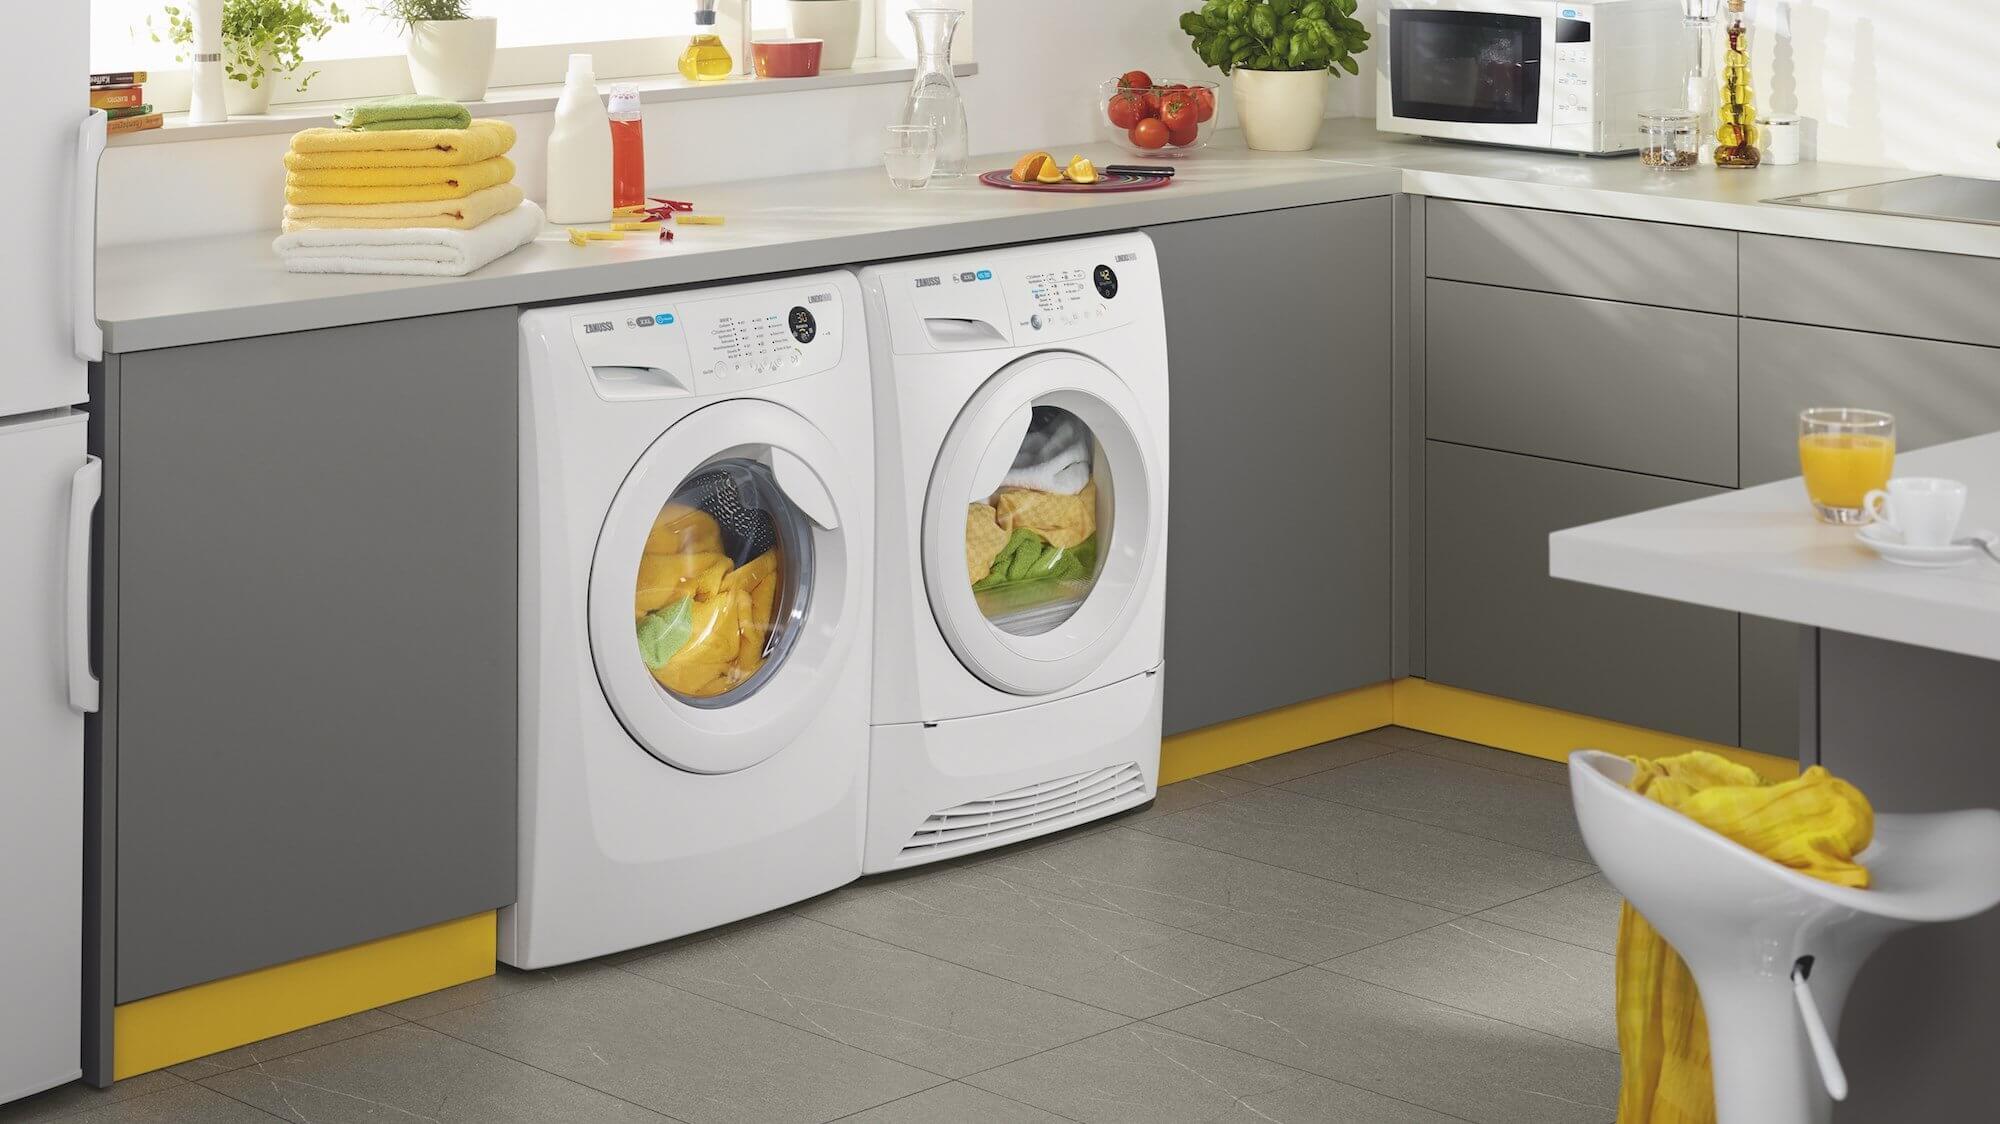 куда поставить стиральную машину на кухне фото